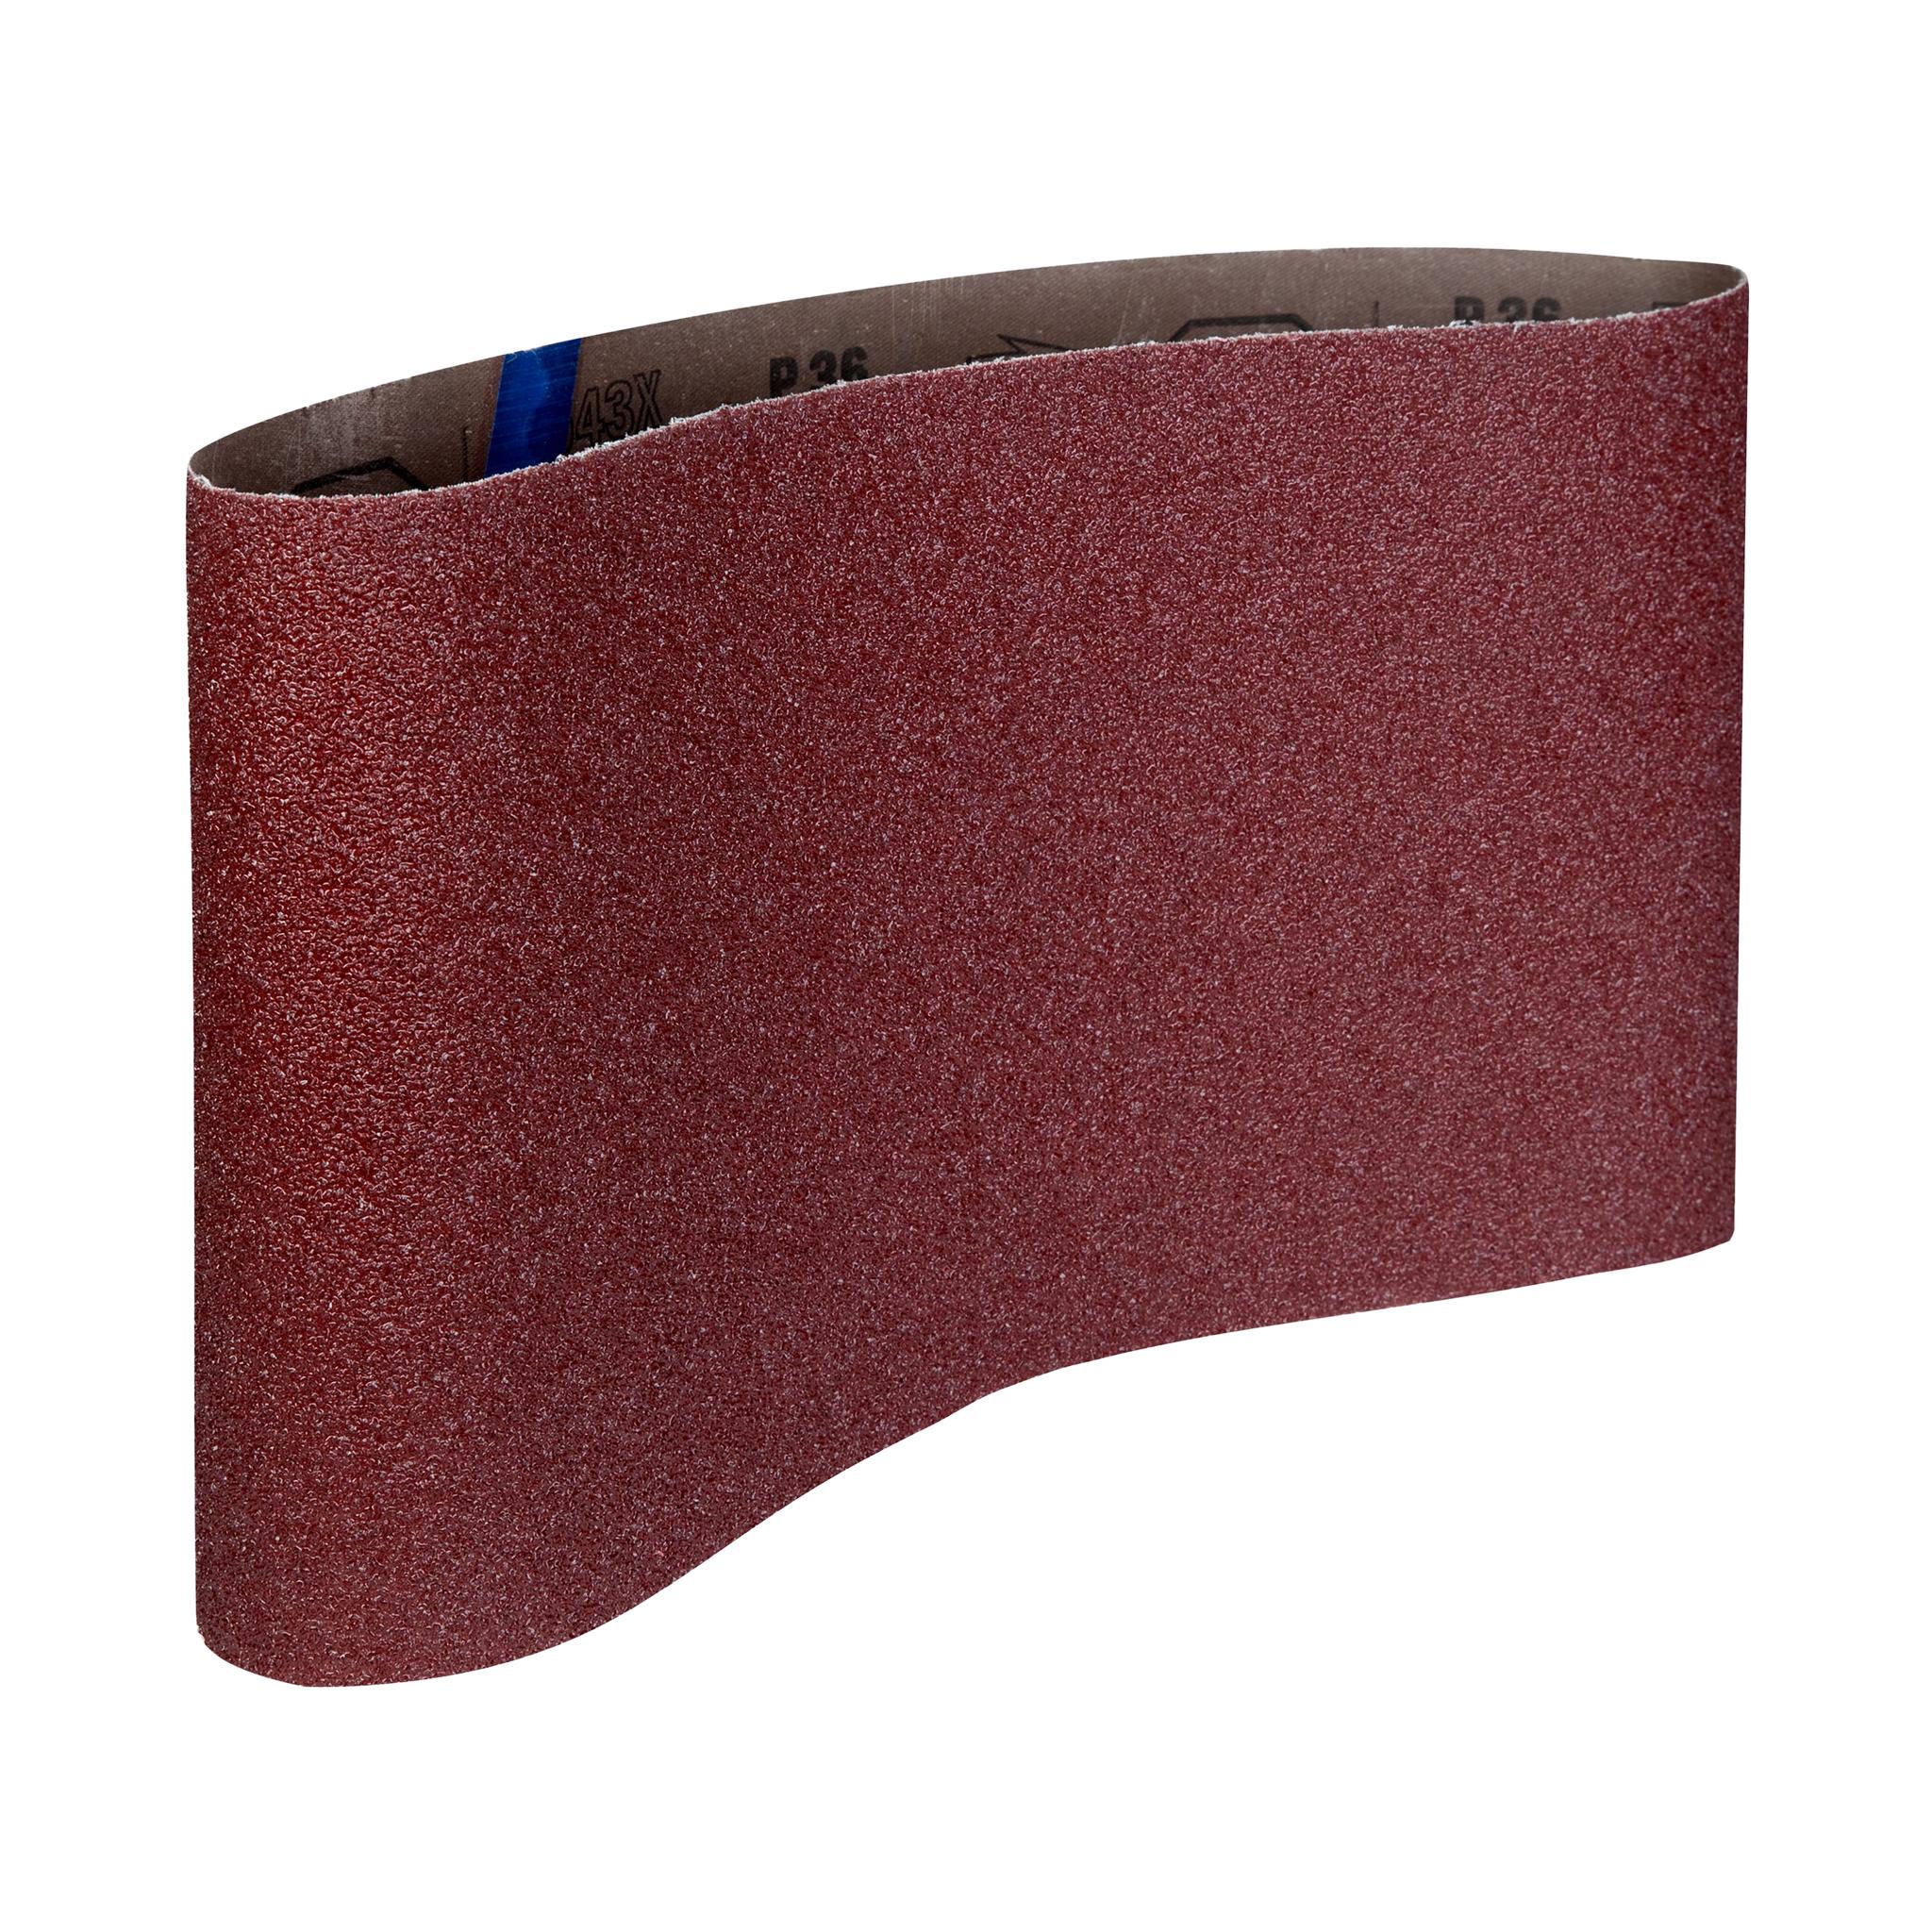 K 24 PARAT Belts Schleifband 200x551mm